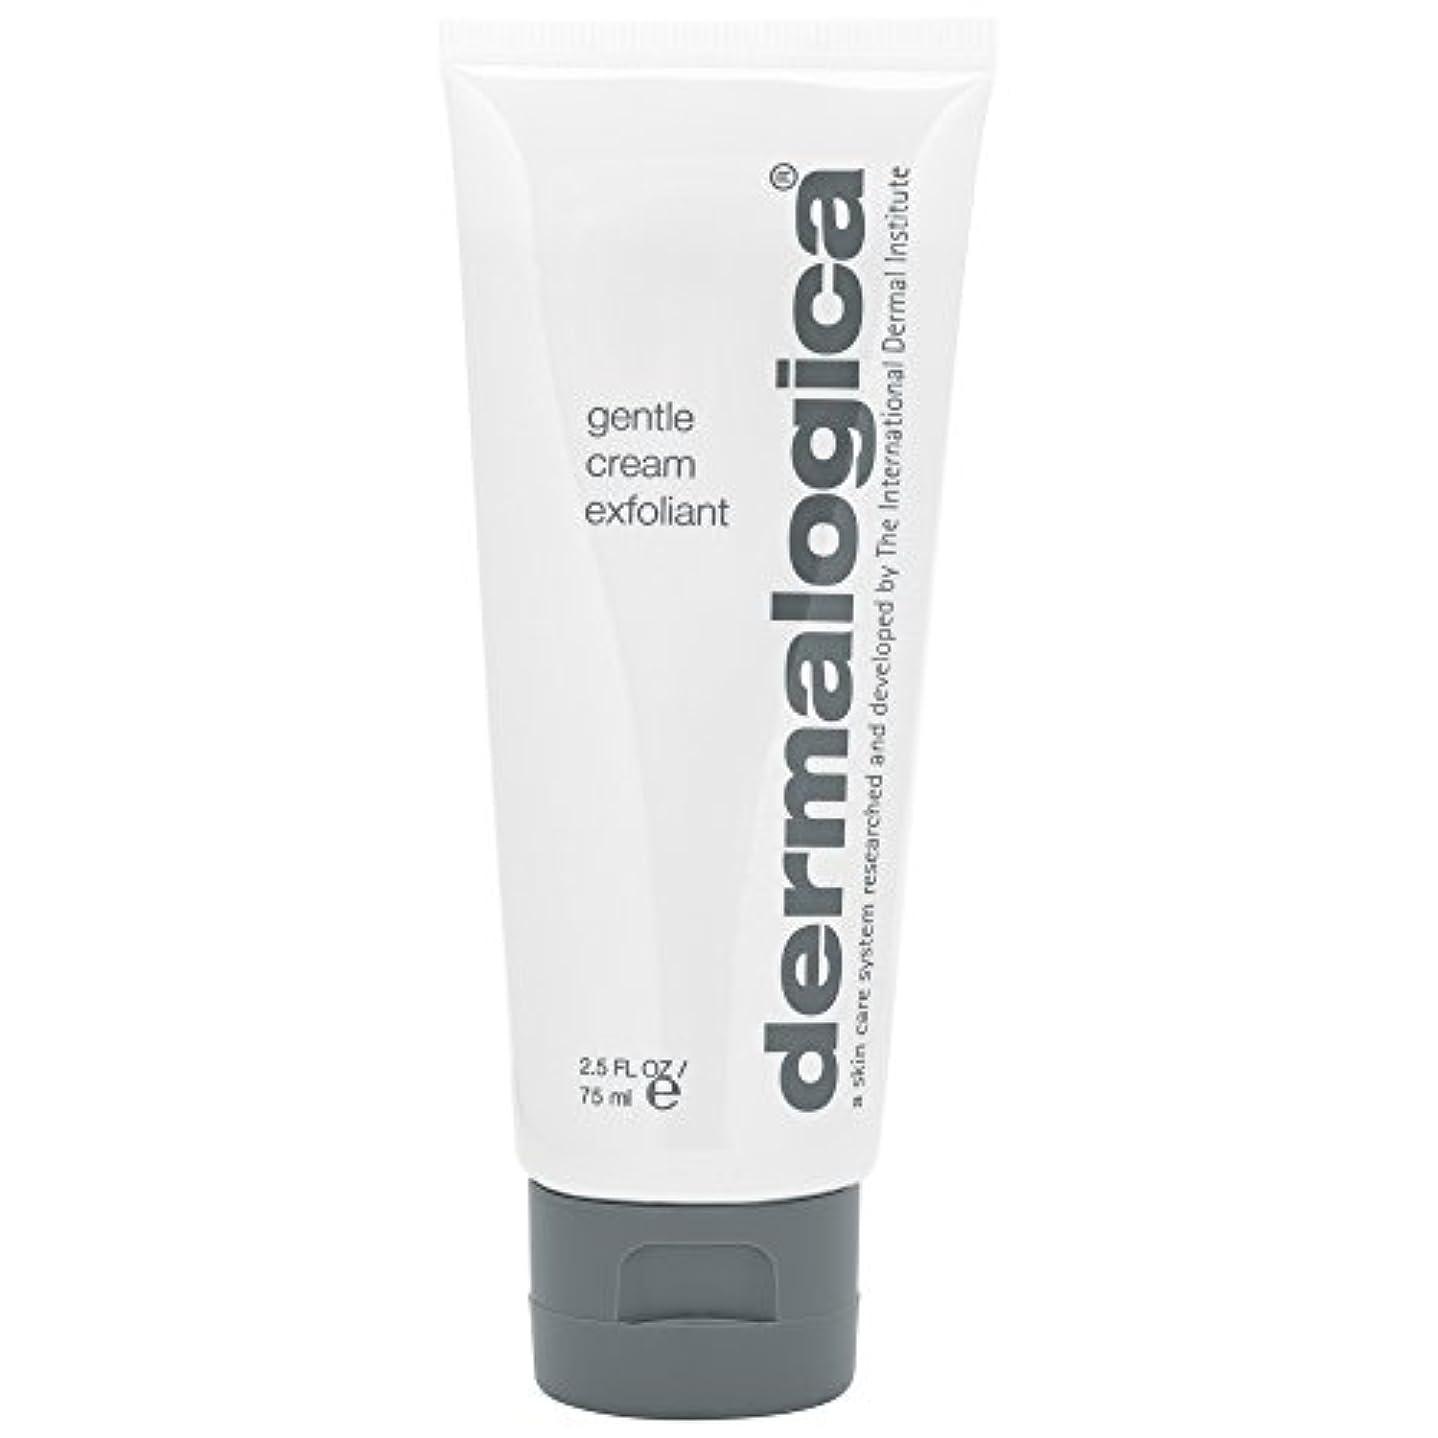 ジレンマピック前部ダーマロジカ優しいクリーム剥脱75ミリリットル (Dermalogica) (x2) - Dermalogica Gentle Cream Exfoliant 75ml (Pack of 2) [並行輸入品]